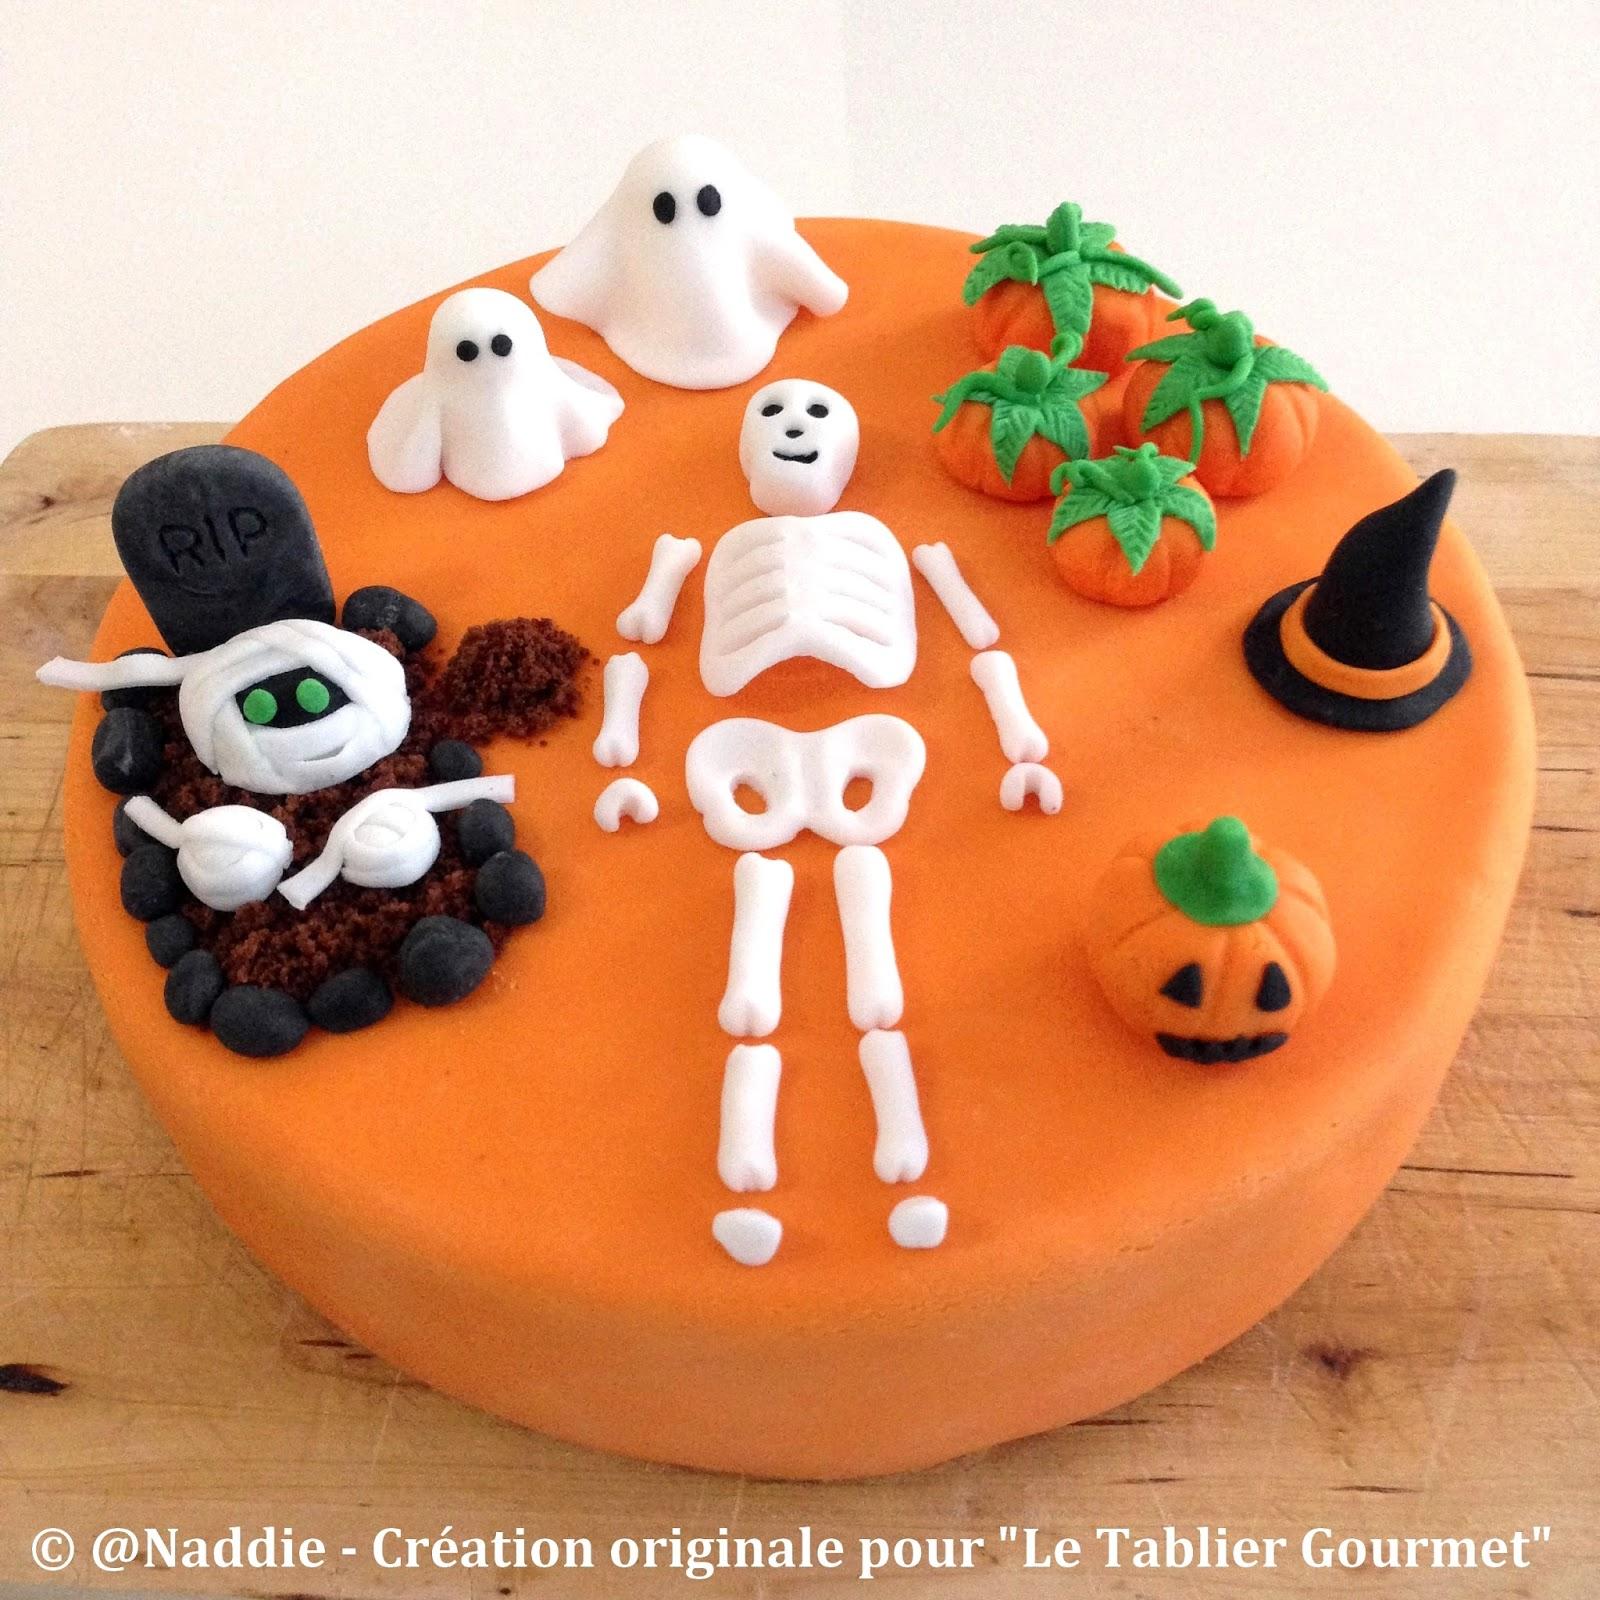 Cours De Cake Design Nice : Le tablier gourmet: Cours de cake design par Naddie pour ...